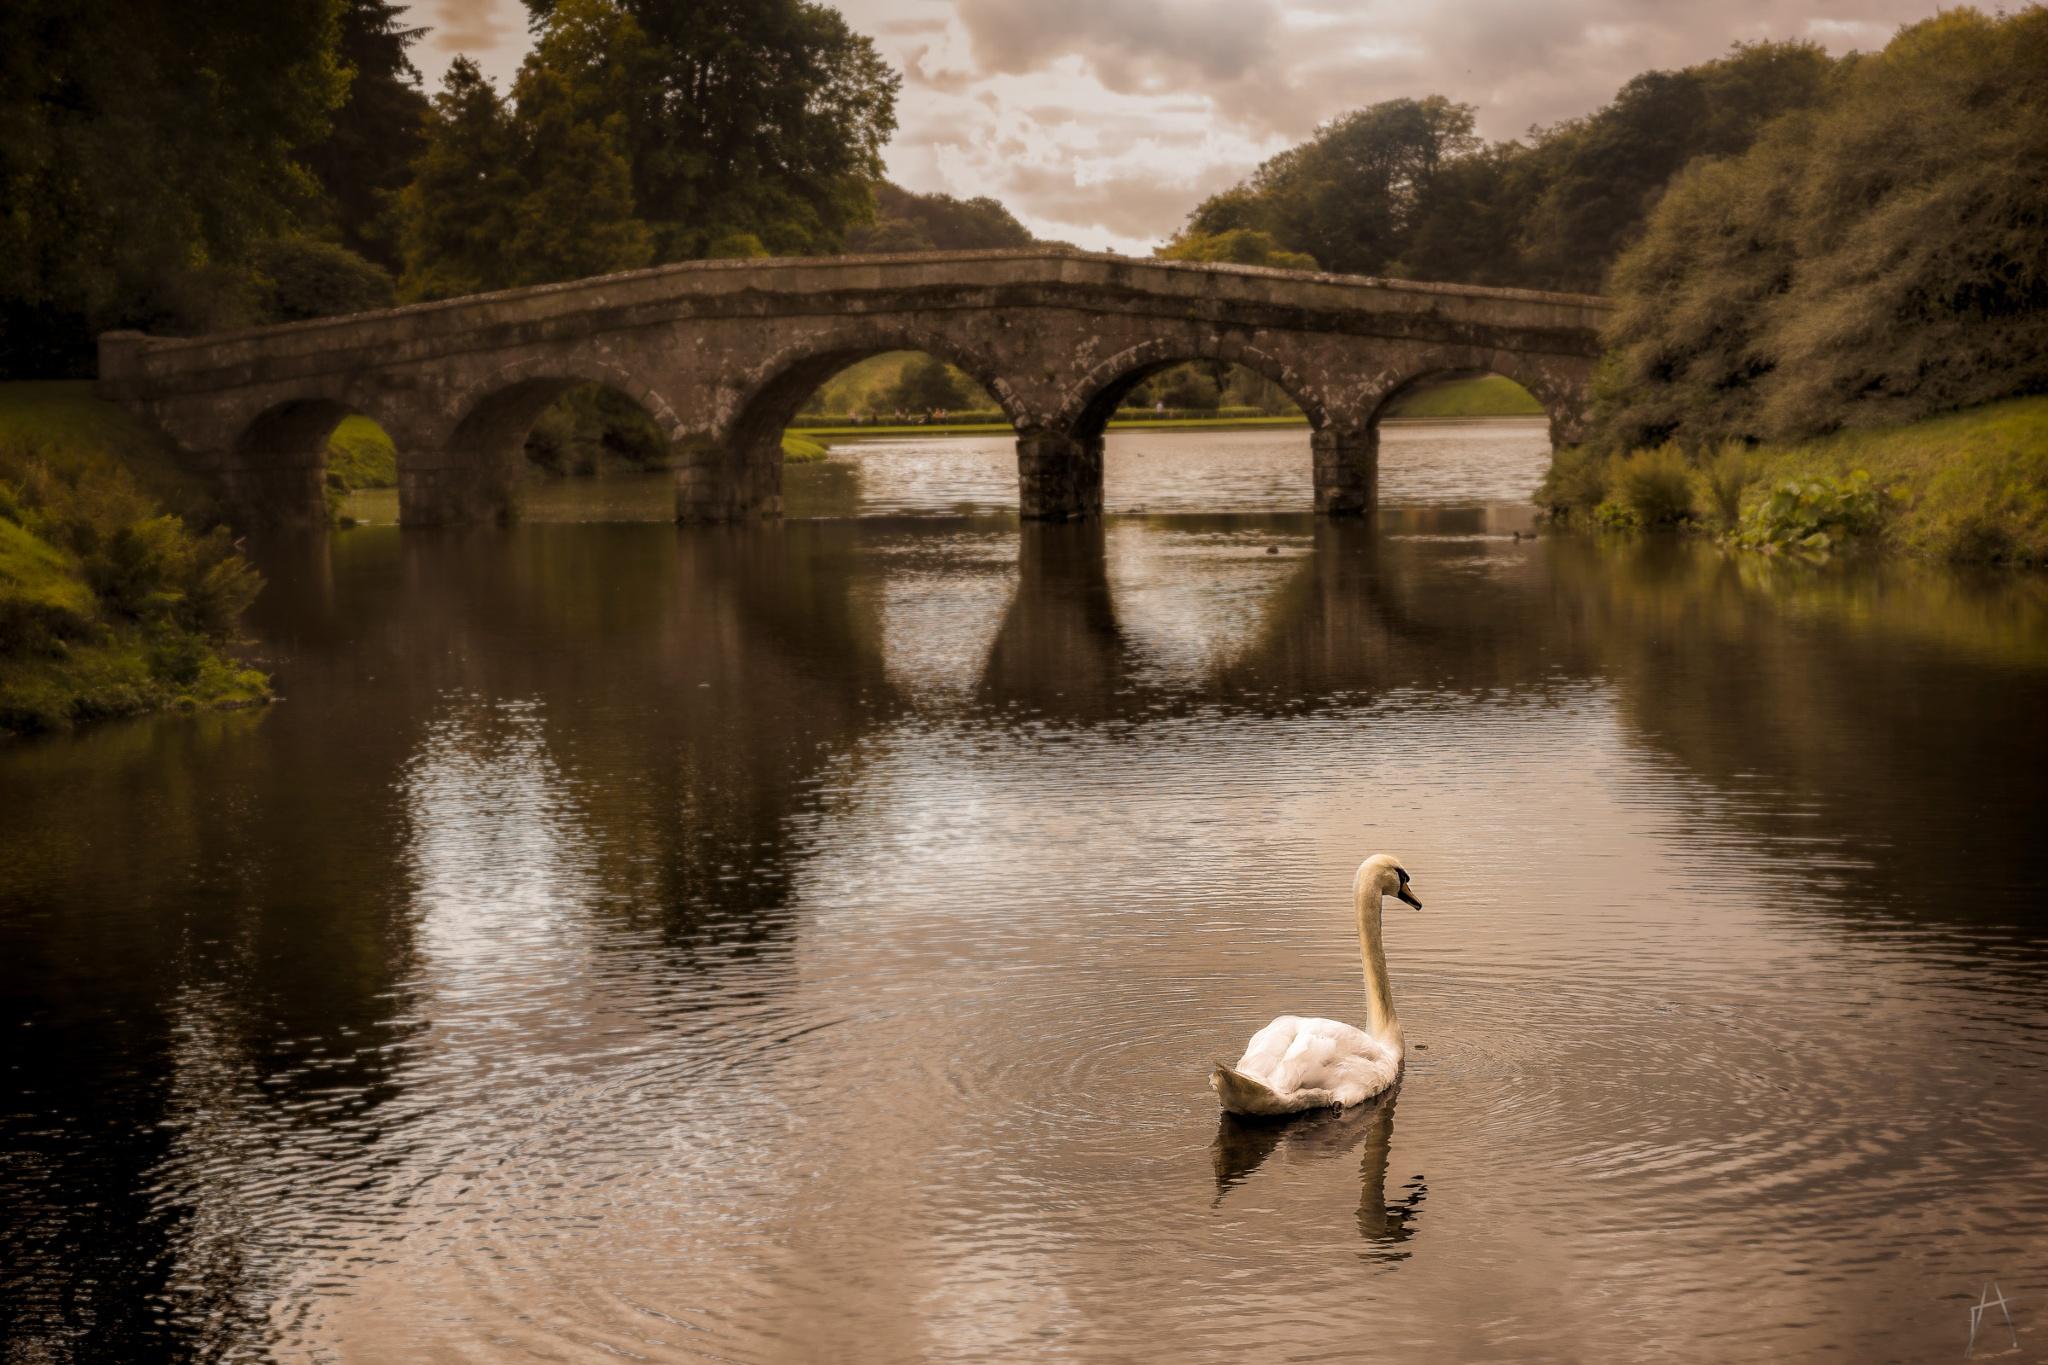 The Swan by Arek Adeoye